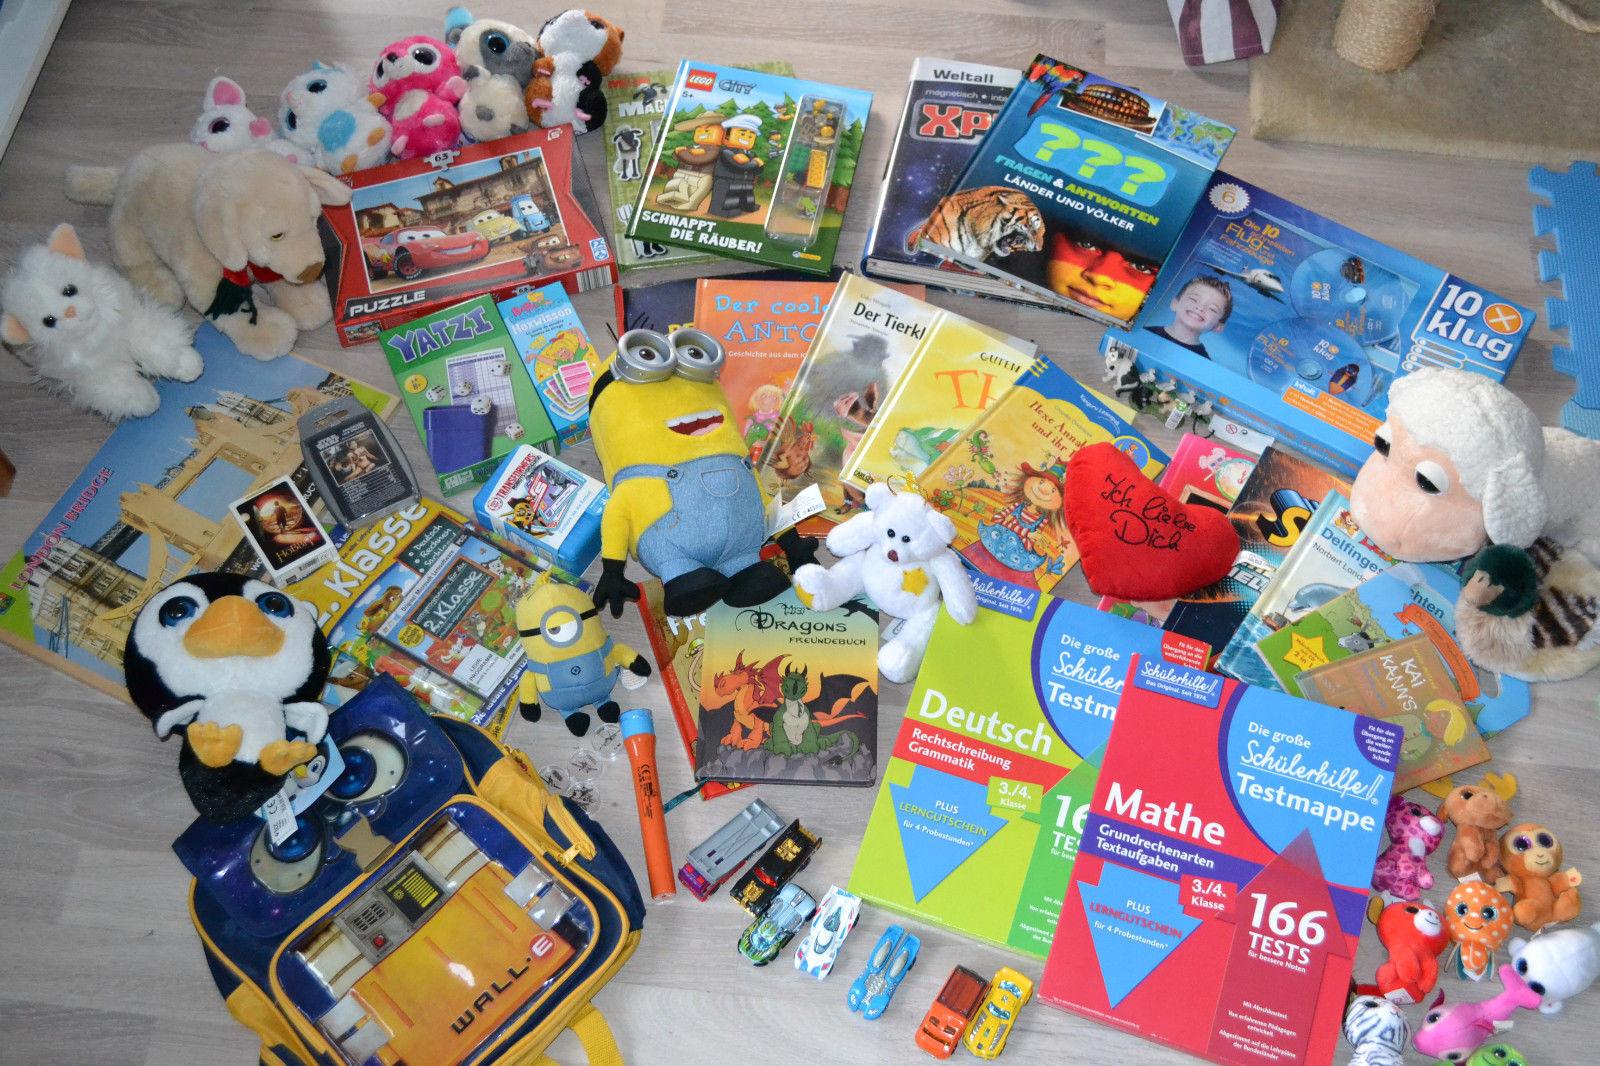 Großes Paket inkl. Kinderbücher + Spiele + Puzzel + Küscheltier